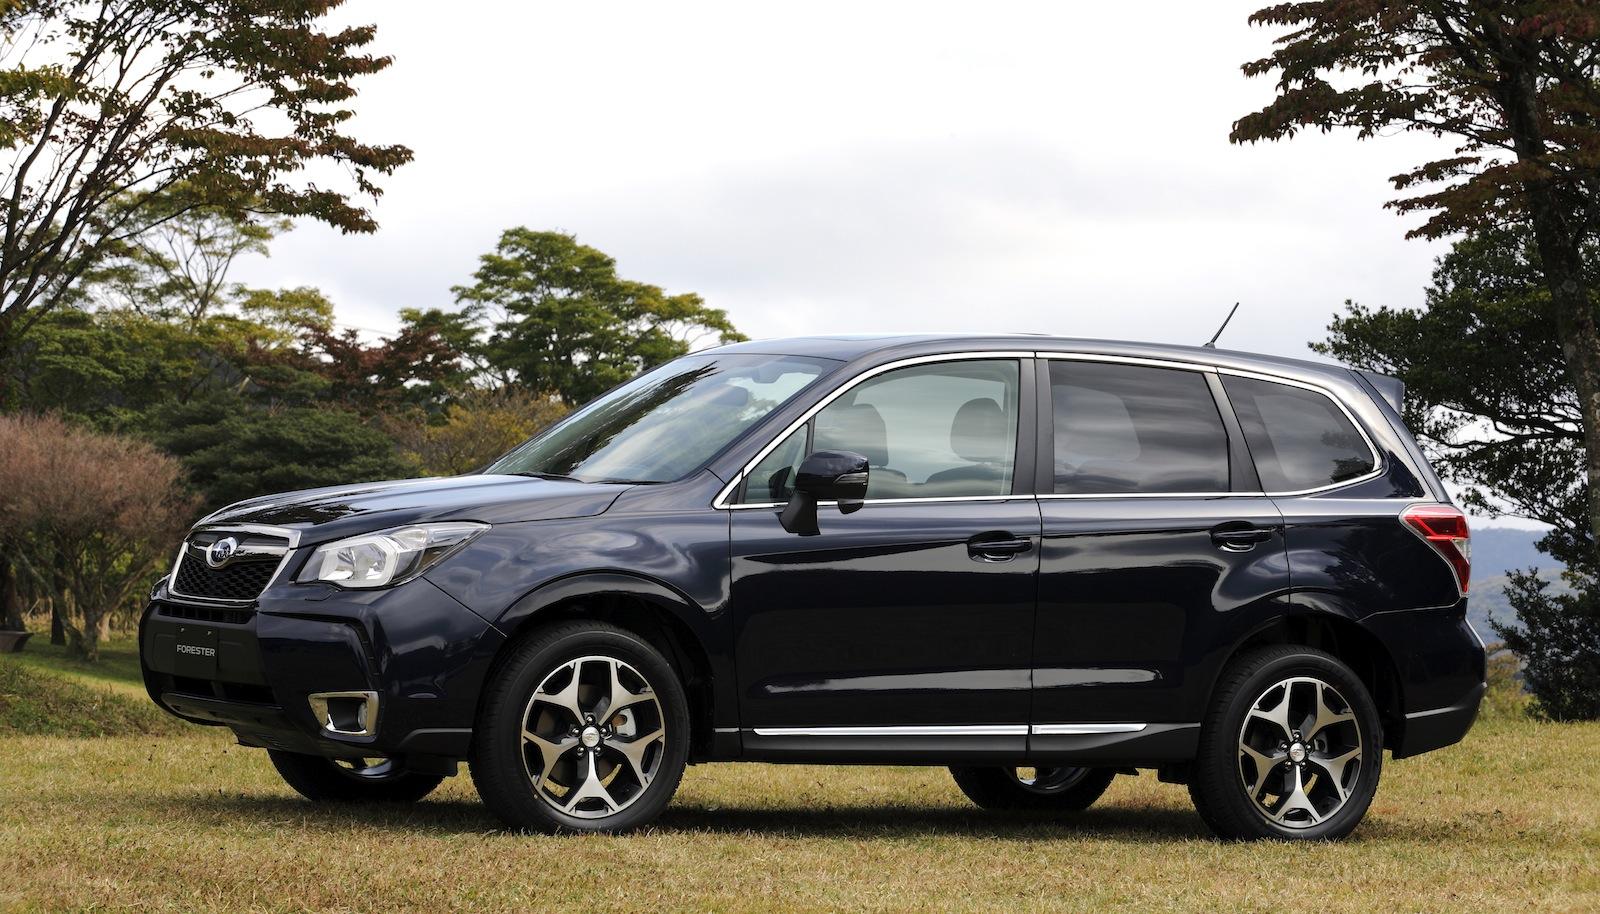 Subaru Forester Quality Subaru Forester 12 High Quality